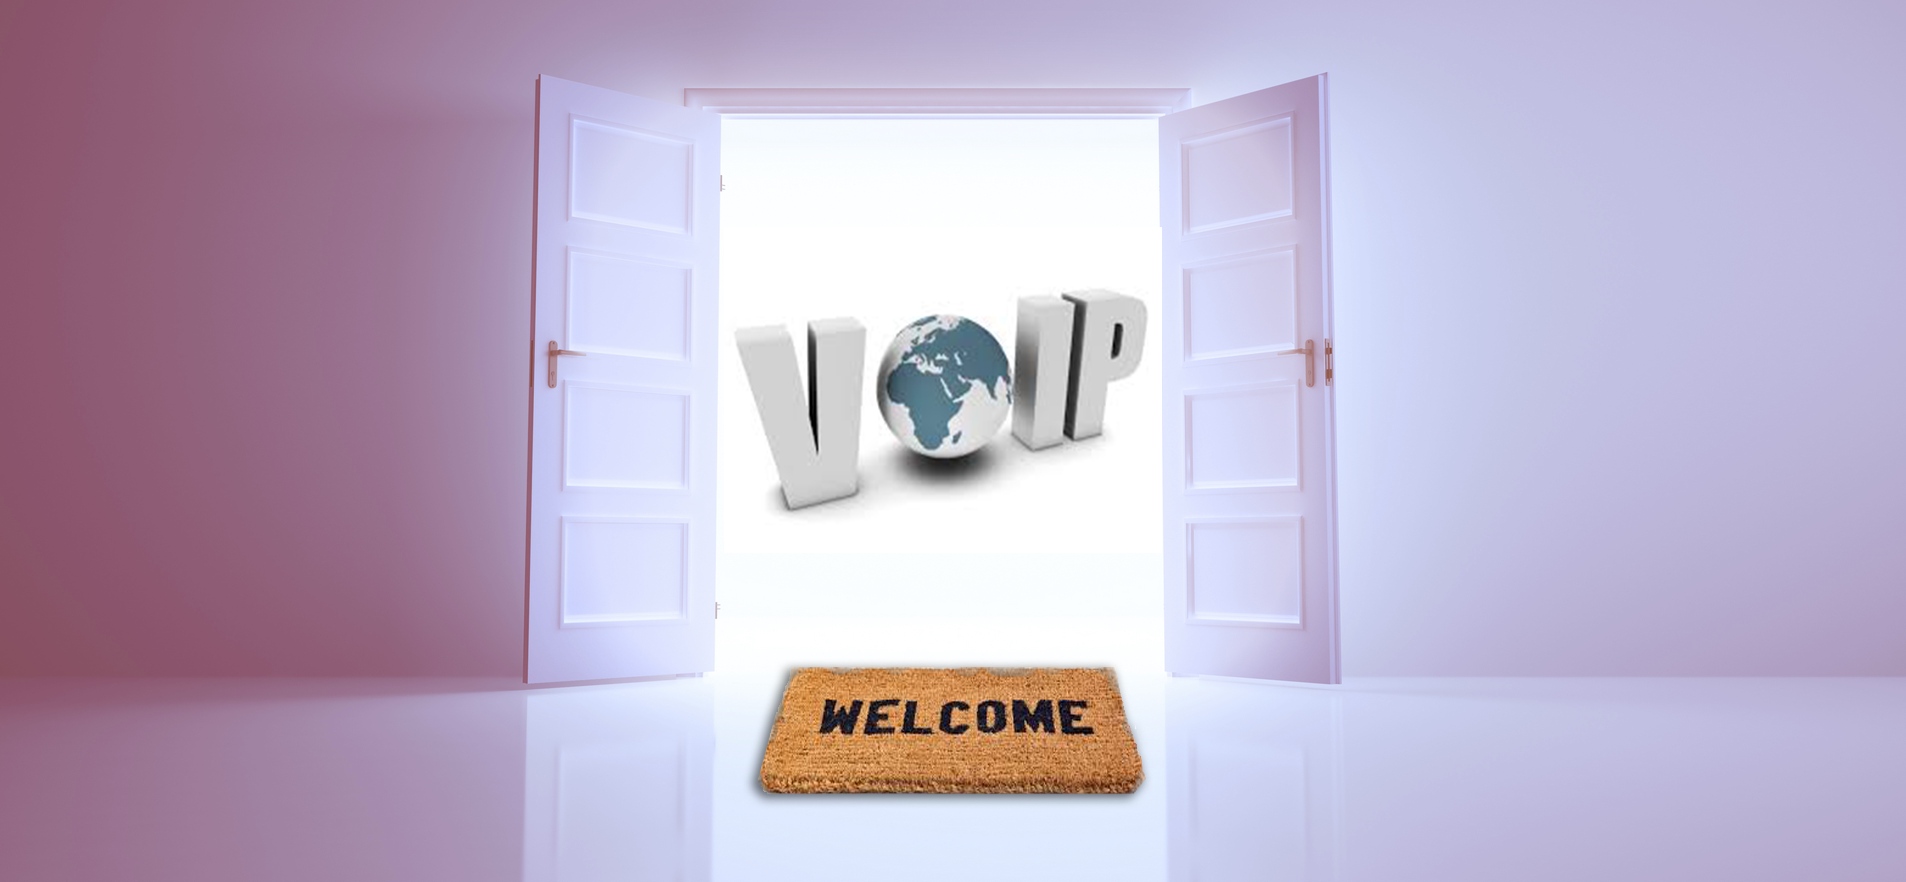 VoIP word cloud